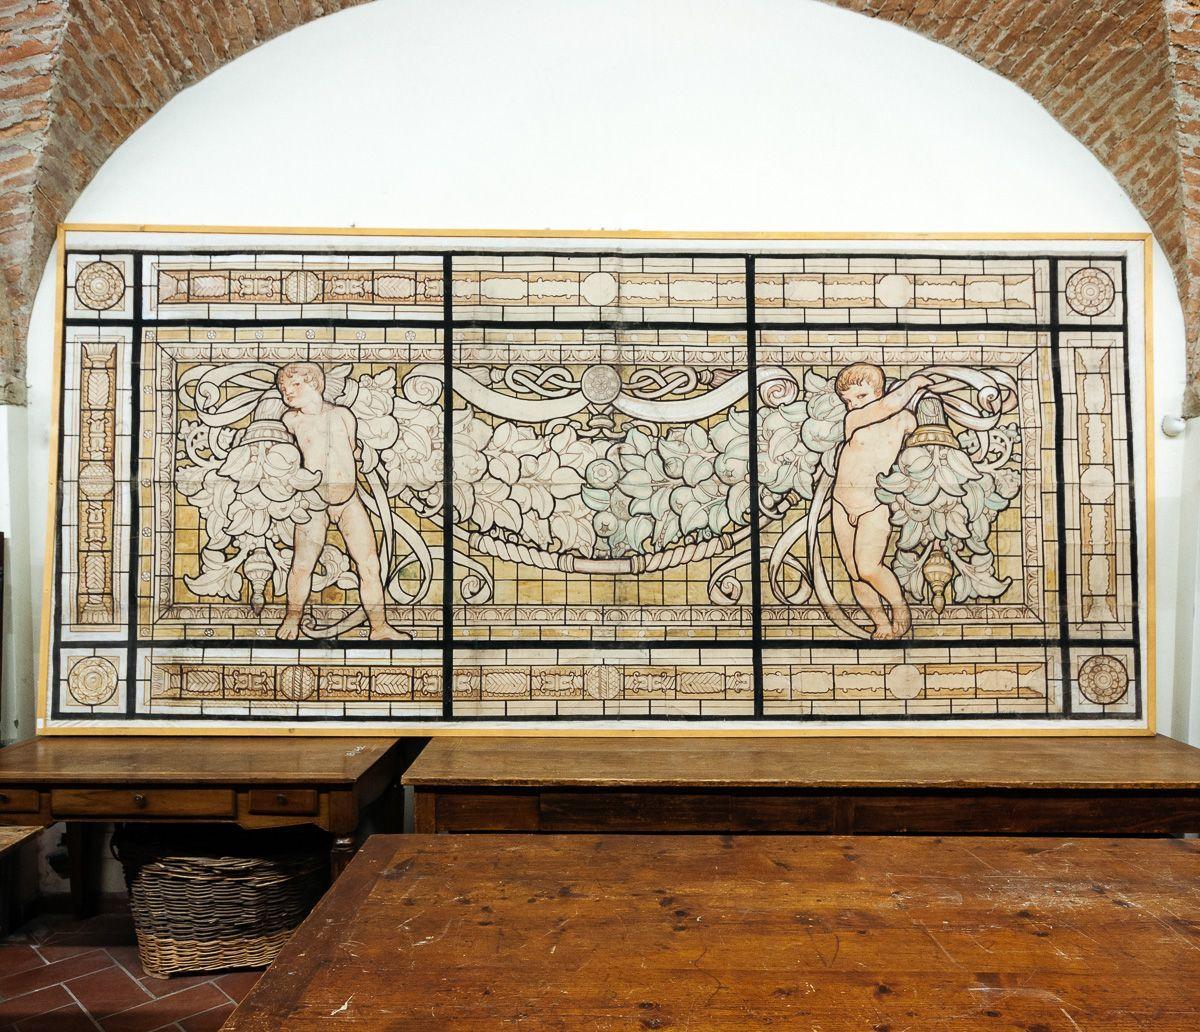 Grande pannello decorativo tempera su carta Galileo Chini